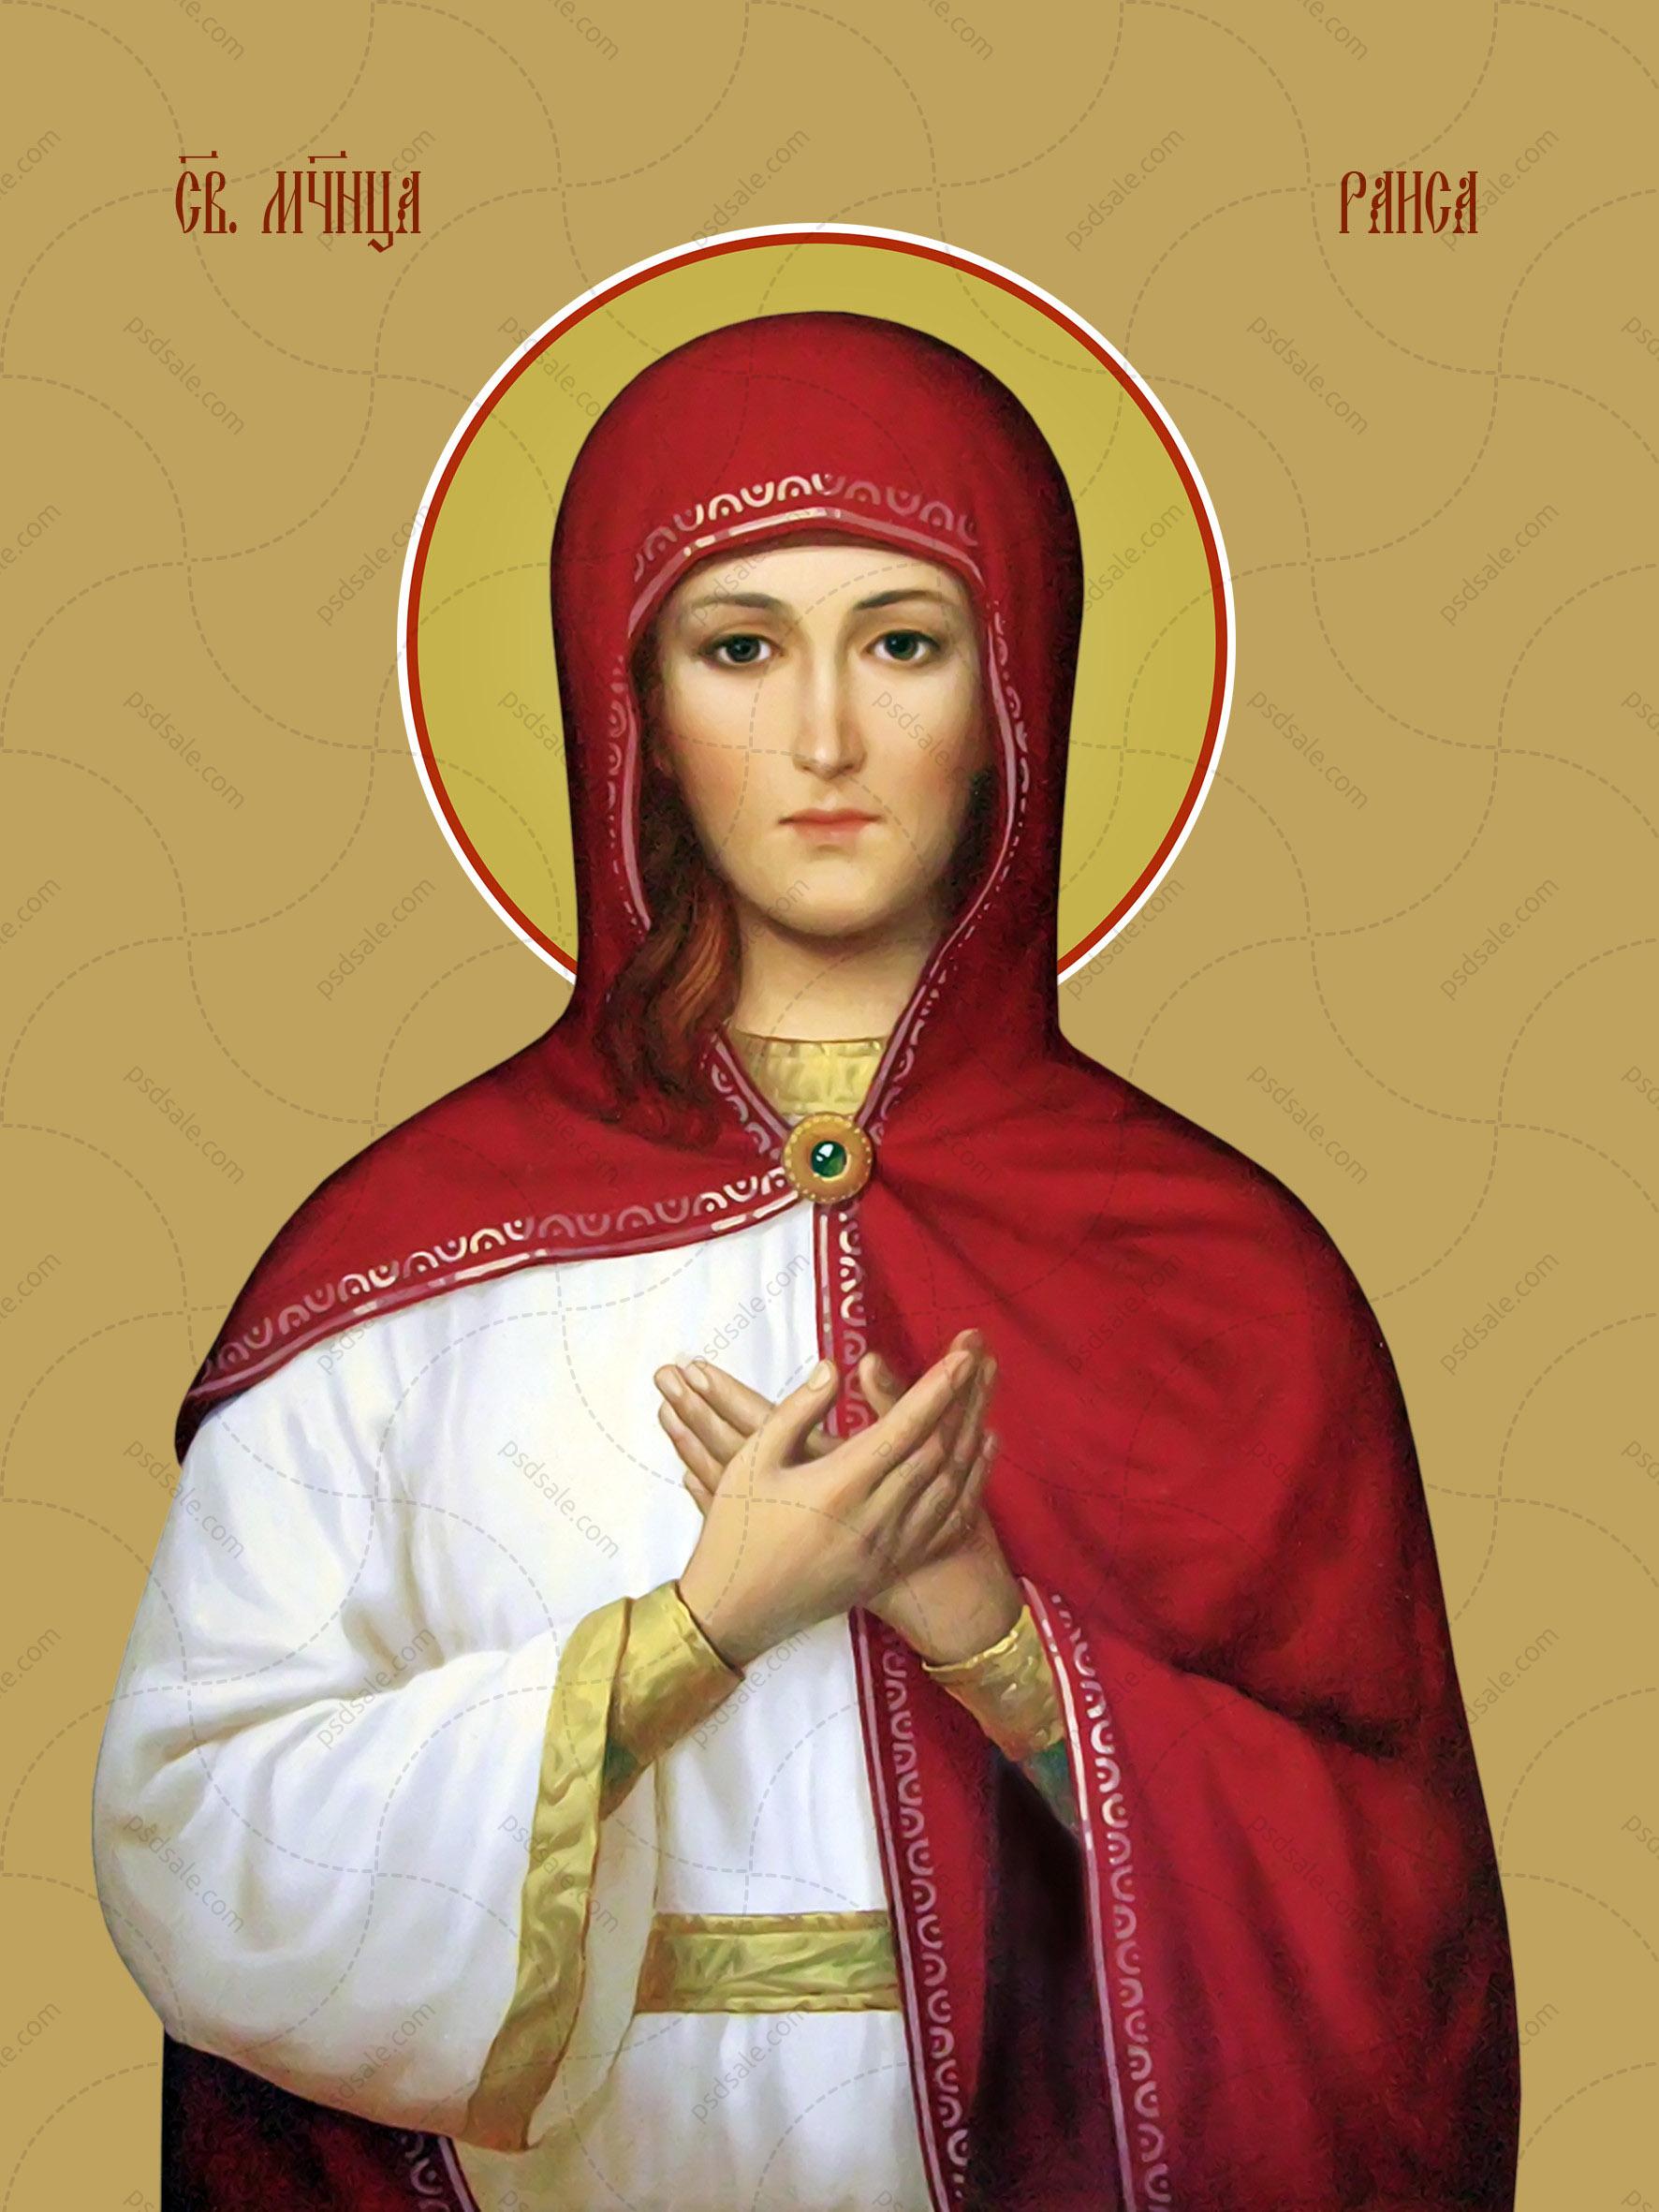 Раиса (Ираида) Александрийская, мученица